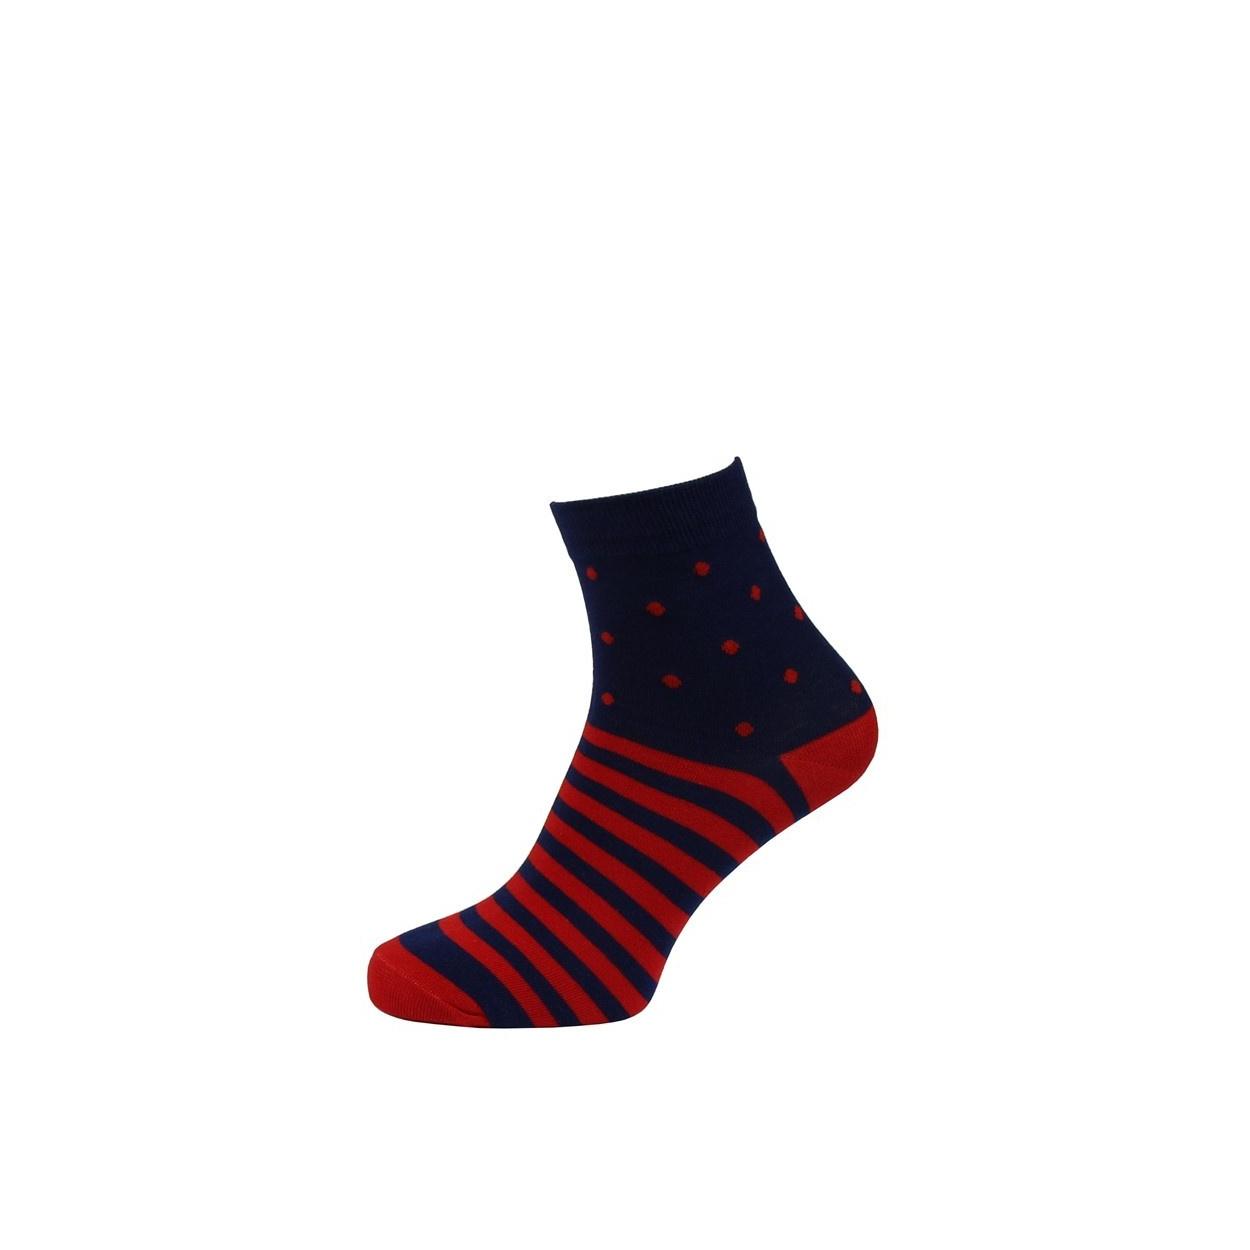 Tmavě modré pánské ponožky s červenými pruhy a puntíky